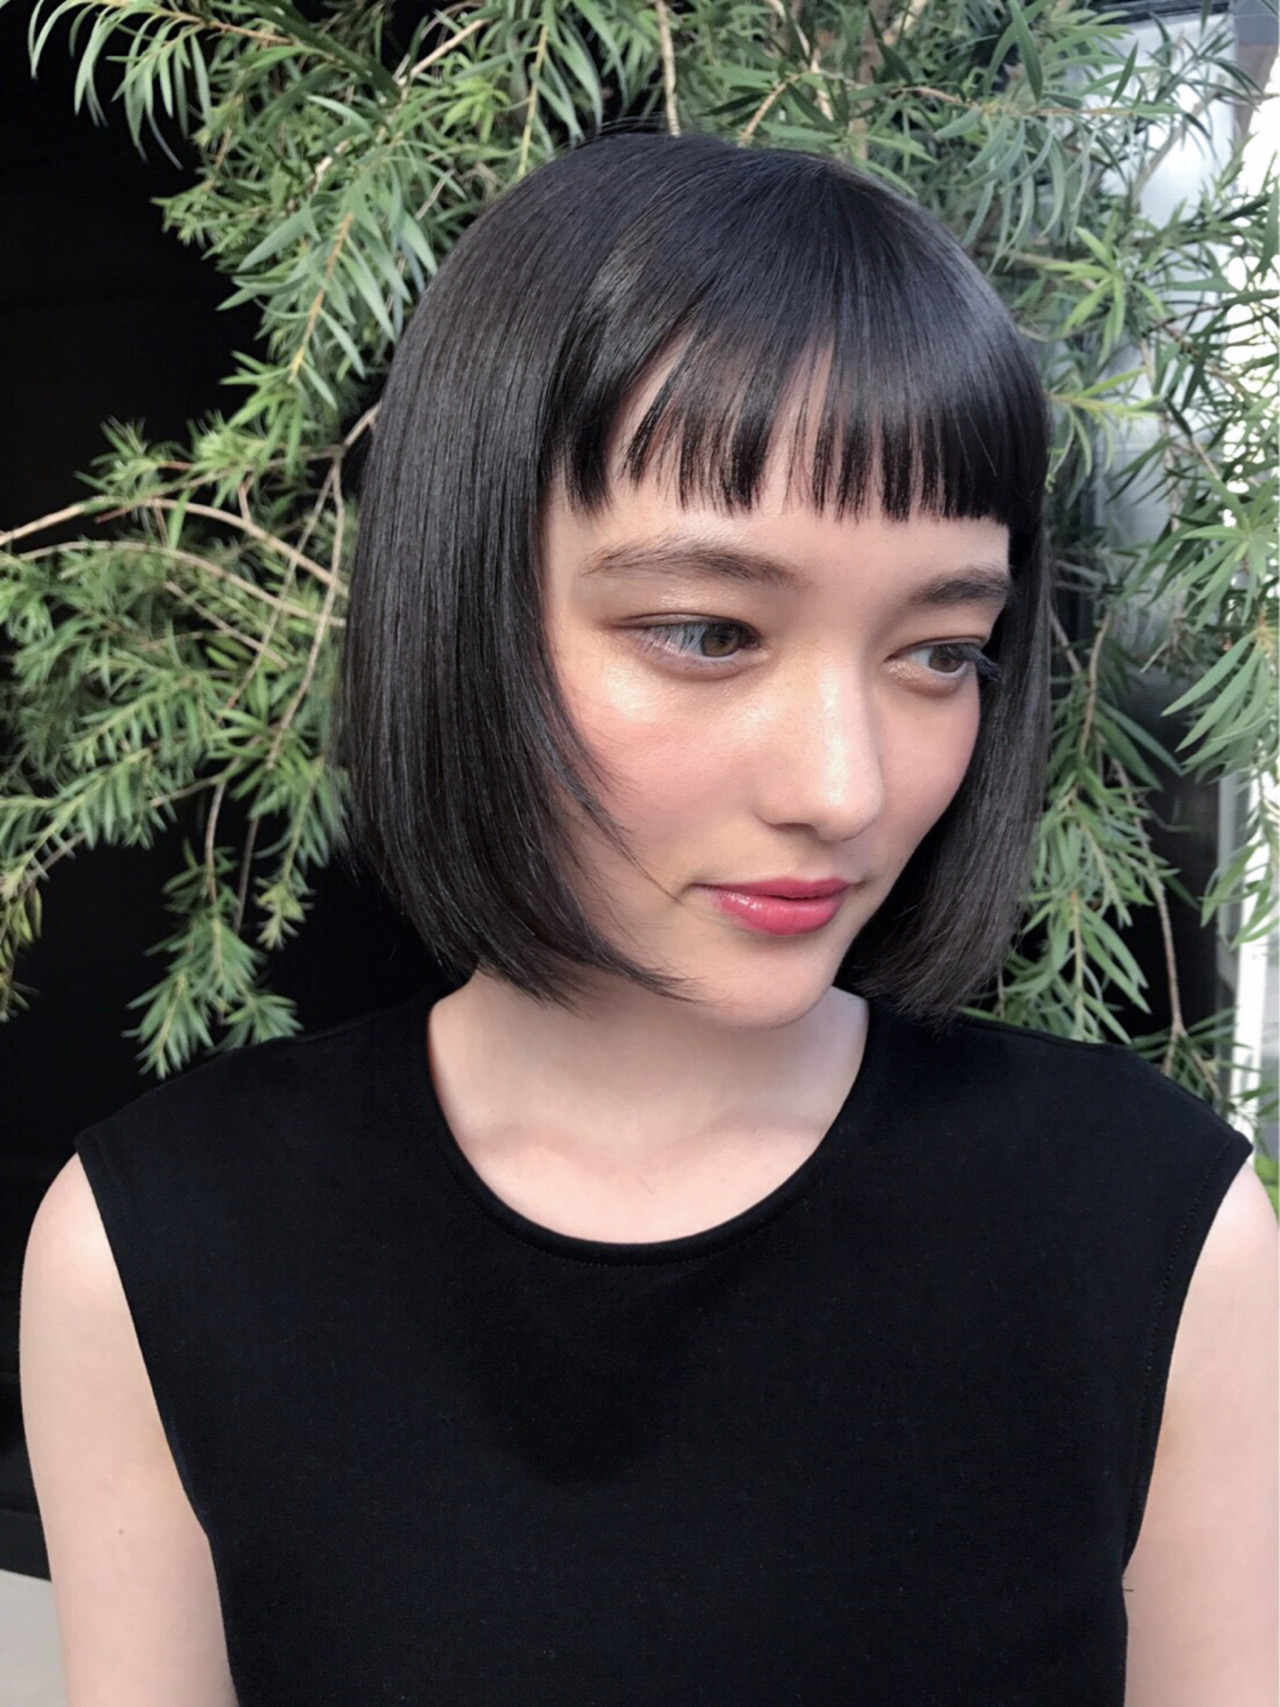 リラックス ボブ ナチュラル 黒髪 ヘアスタイルや髪型の写真・画像 | 芦原照成 / Nicole.